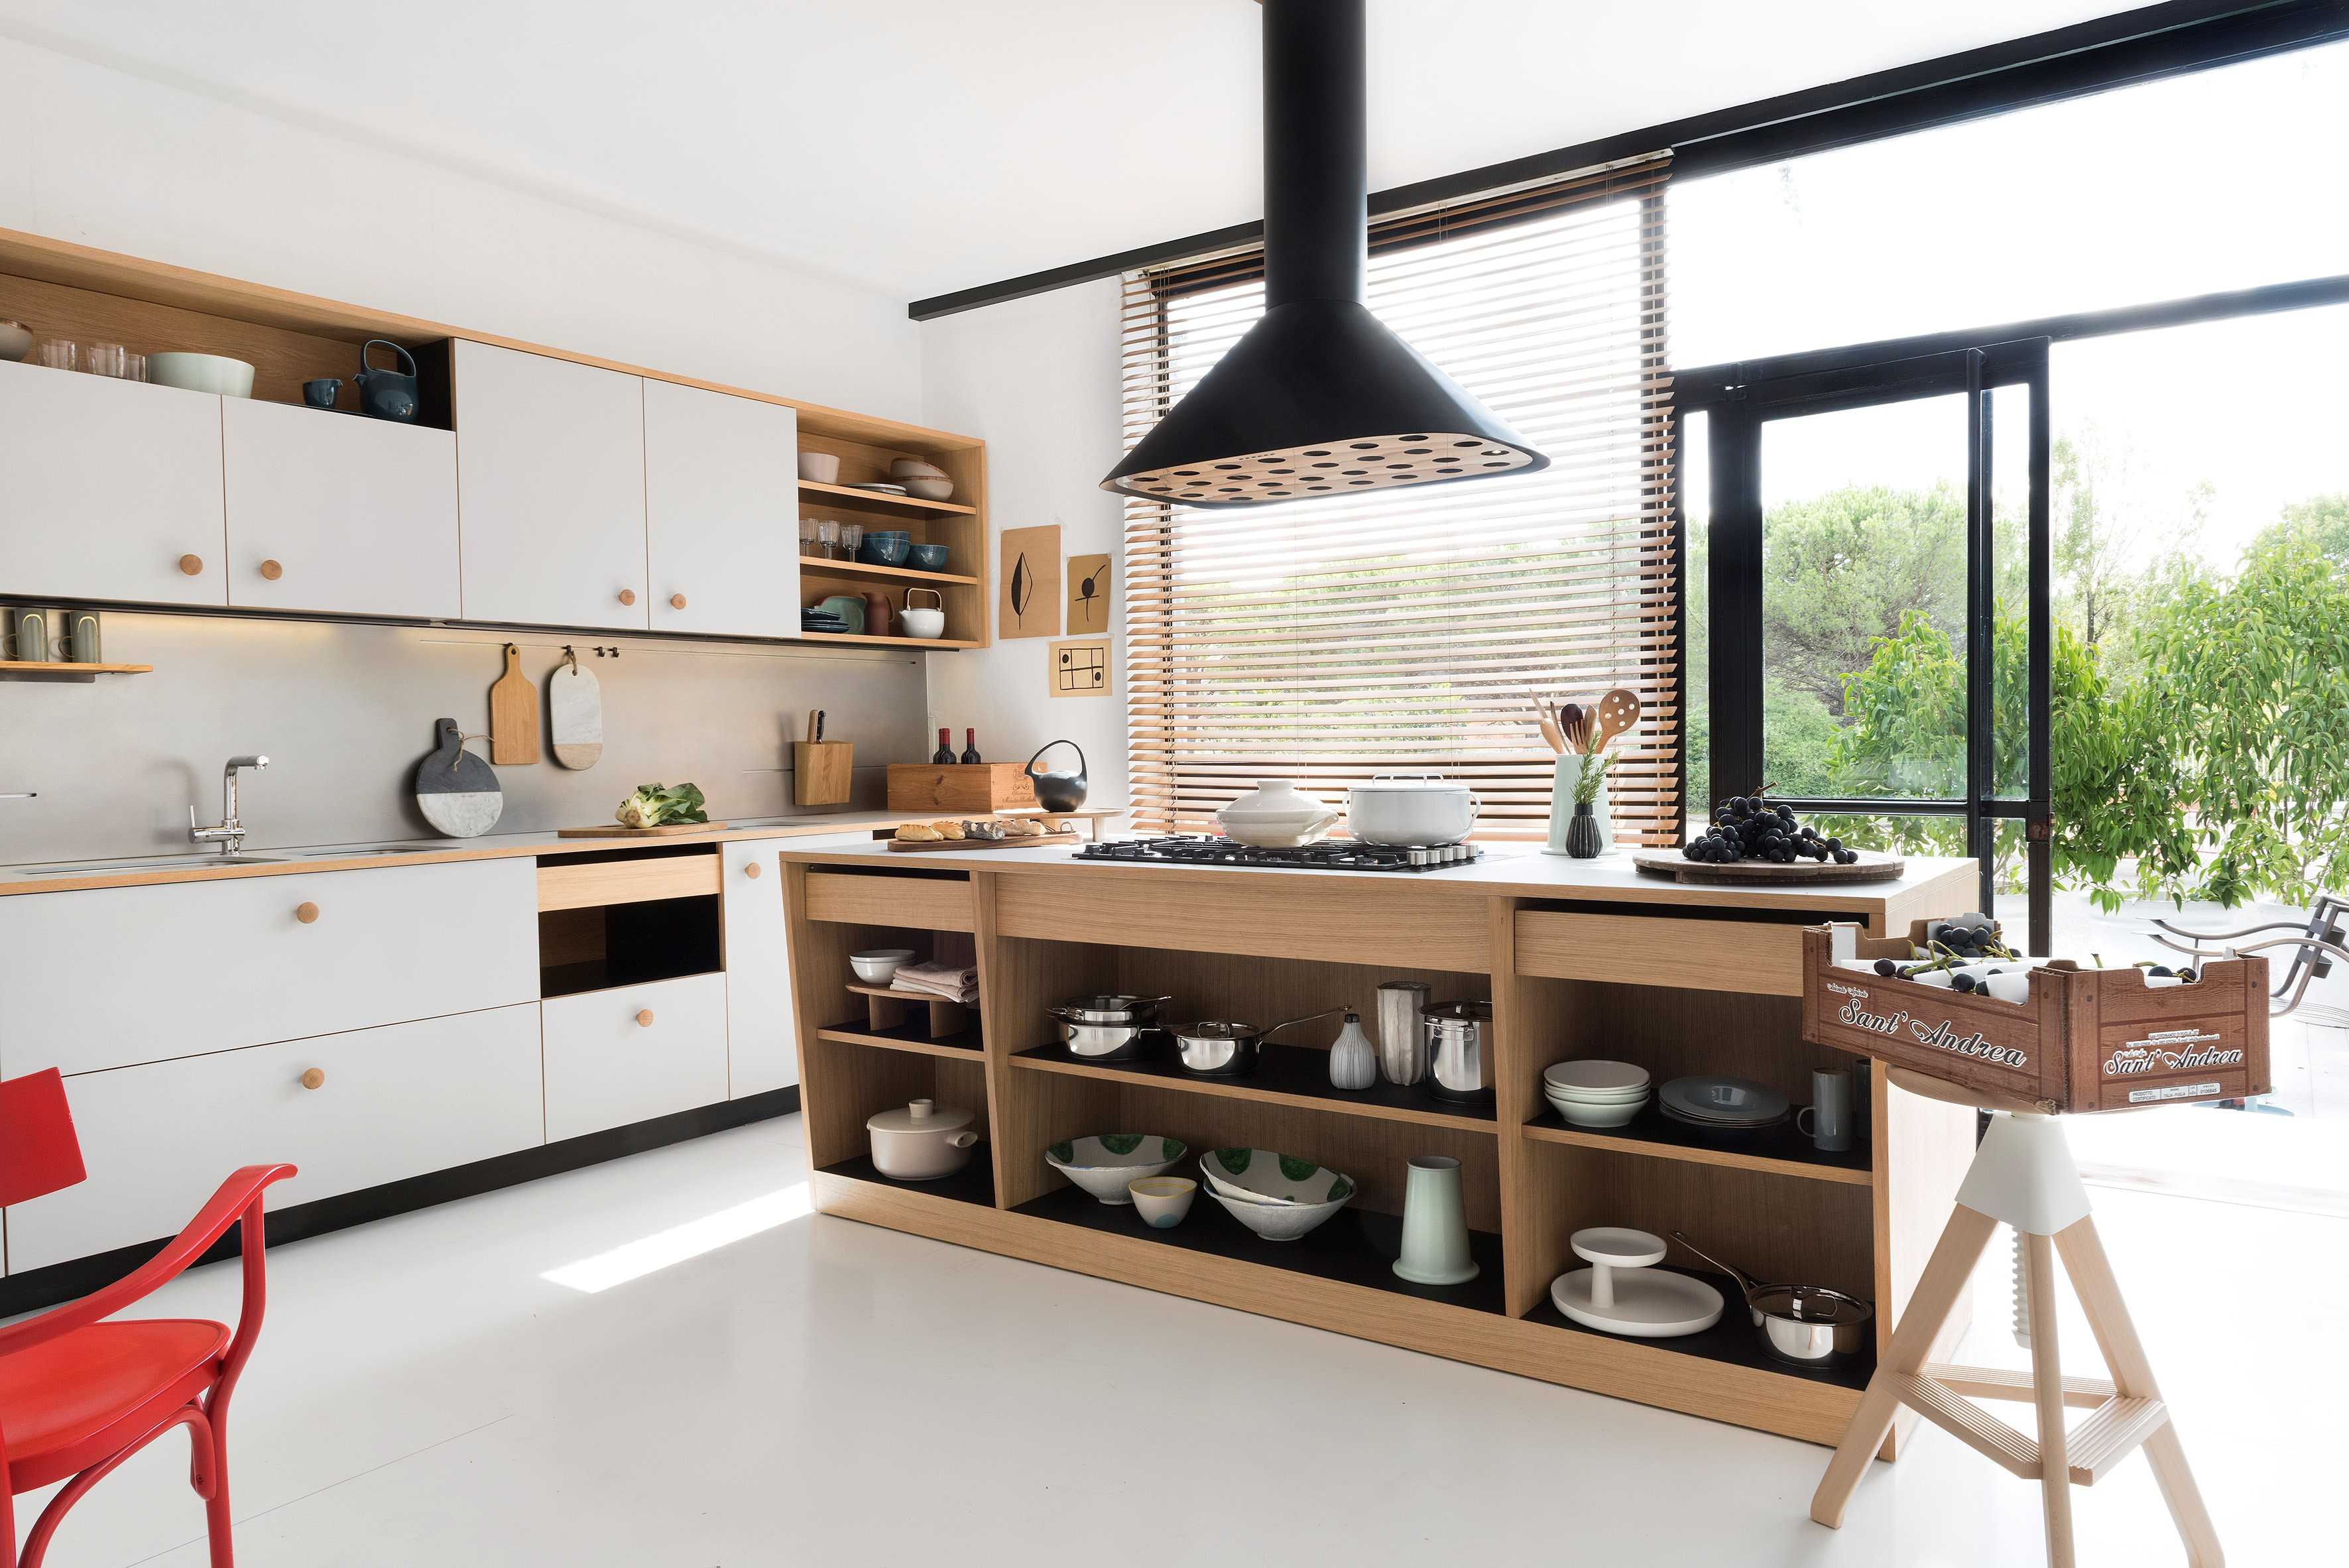 Nuovo showroom a londra per schiffini arredamento for Marche arredamento design